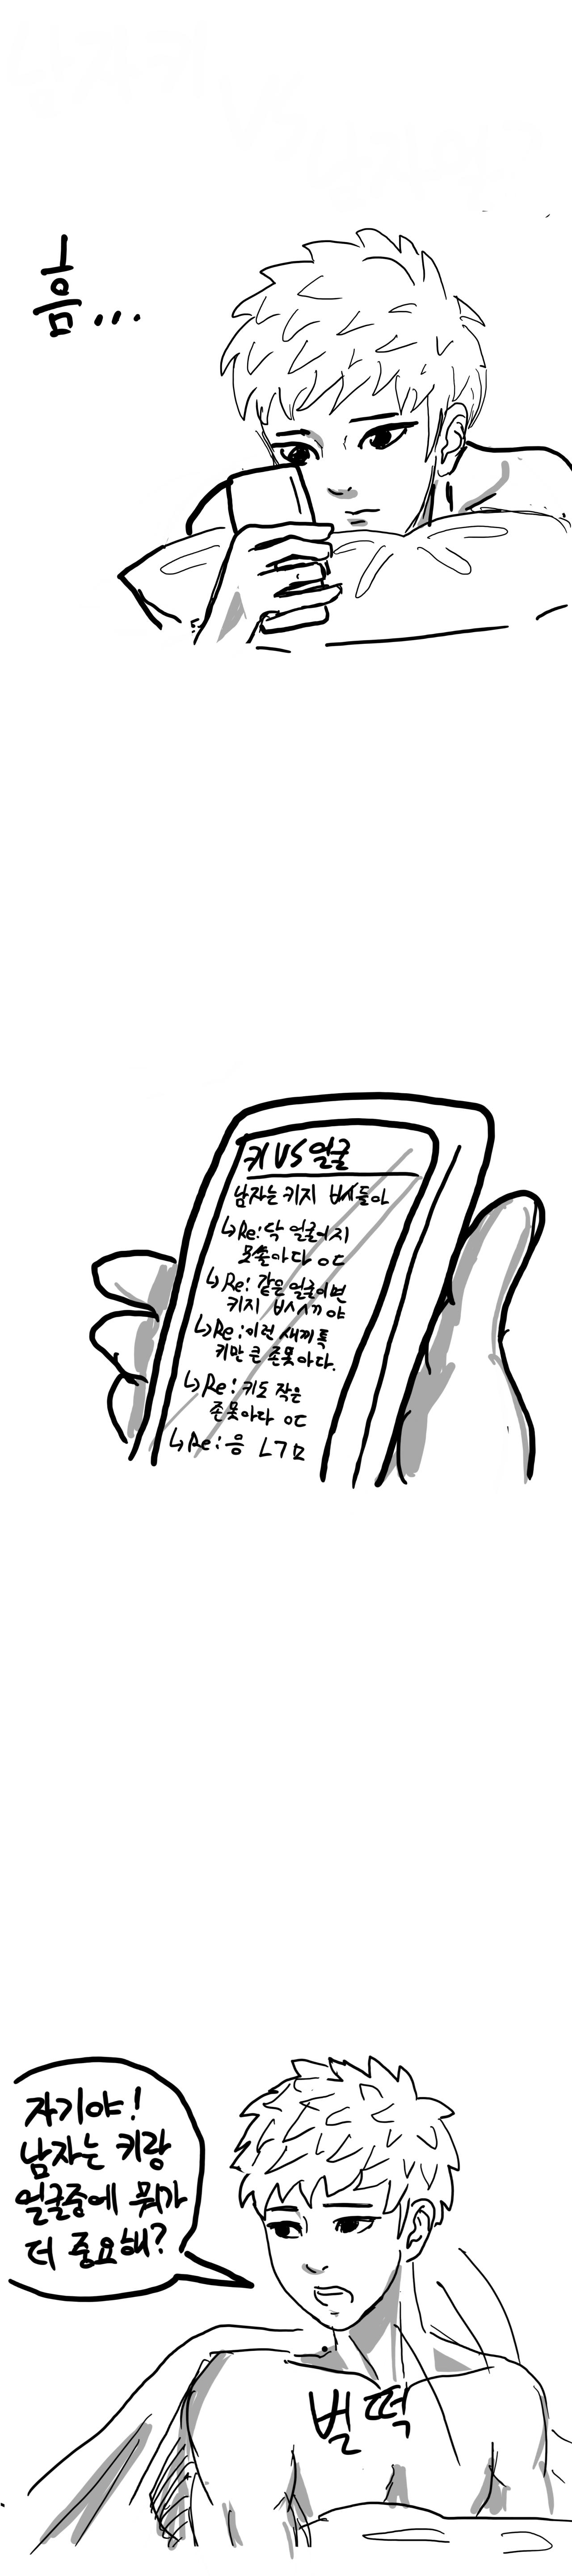 21DA67C8-F664-4518-9D66-B46BF486EABE.png ㅎㅂ) 키 vs 얼굴로 싸우는 만화.manhwa